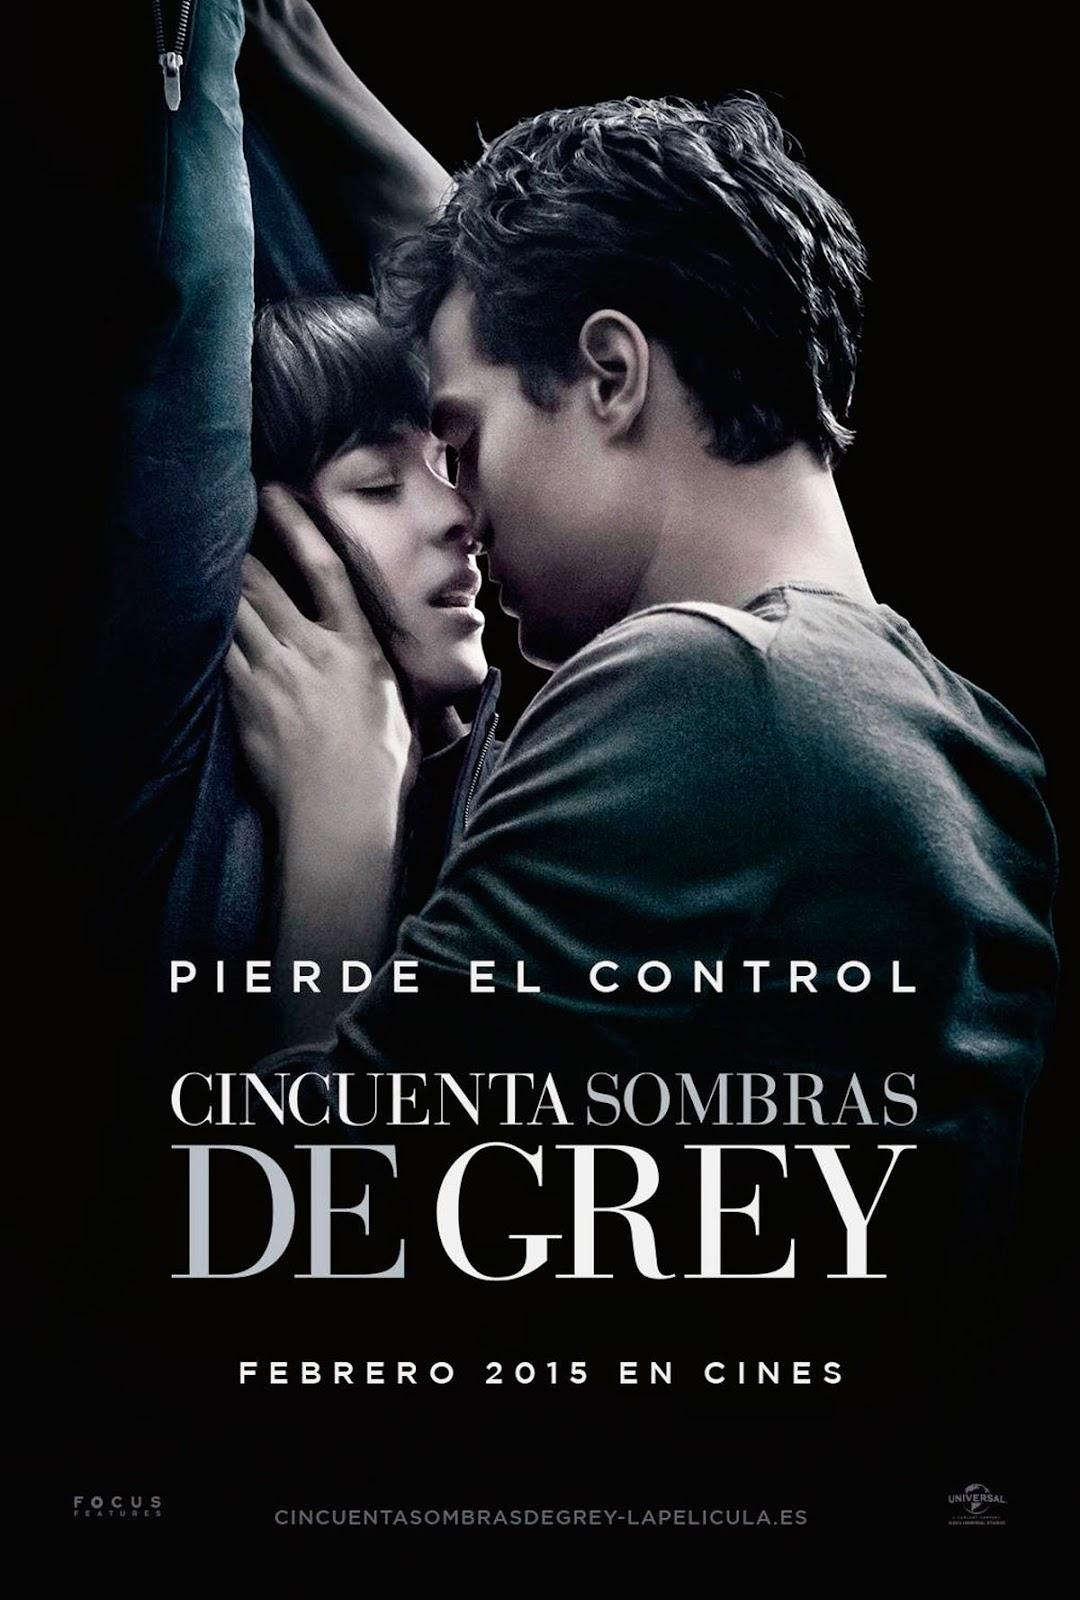 Cincuenta sombras de Grey – DVDRIP SUBTITULADO